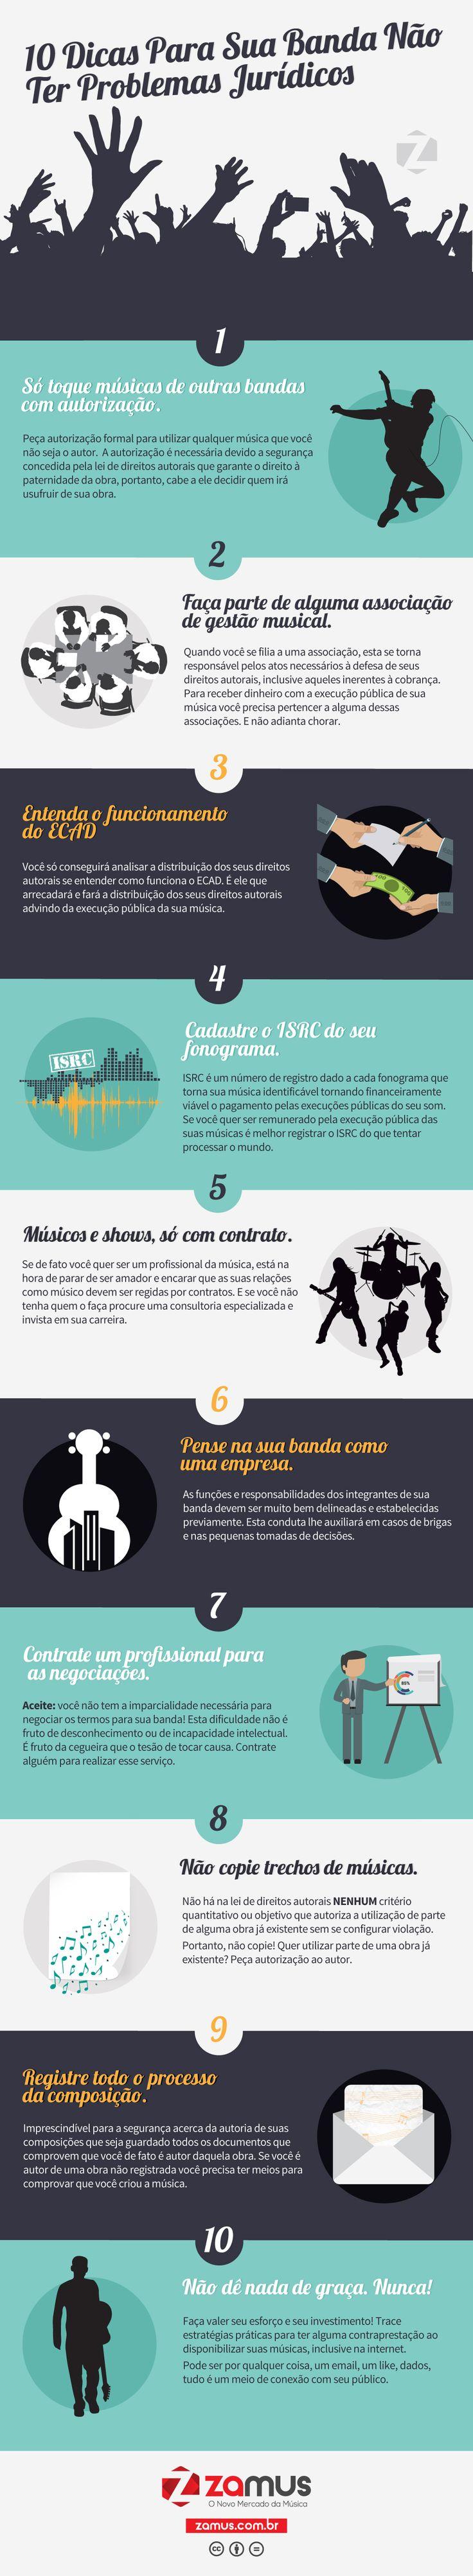 10 Dicas para sua banda não ter problemas jurídicos - #nmm #infografico #direito #autoral #zamus